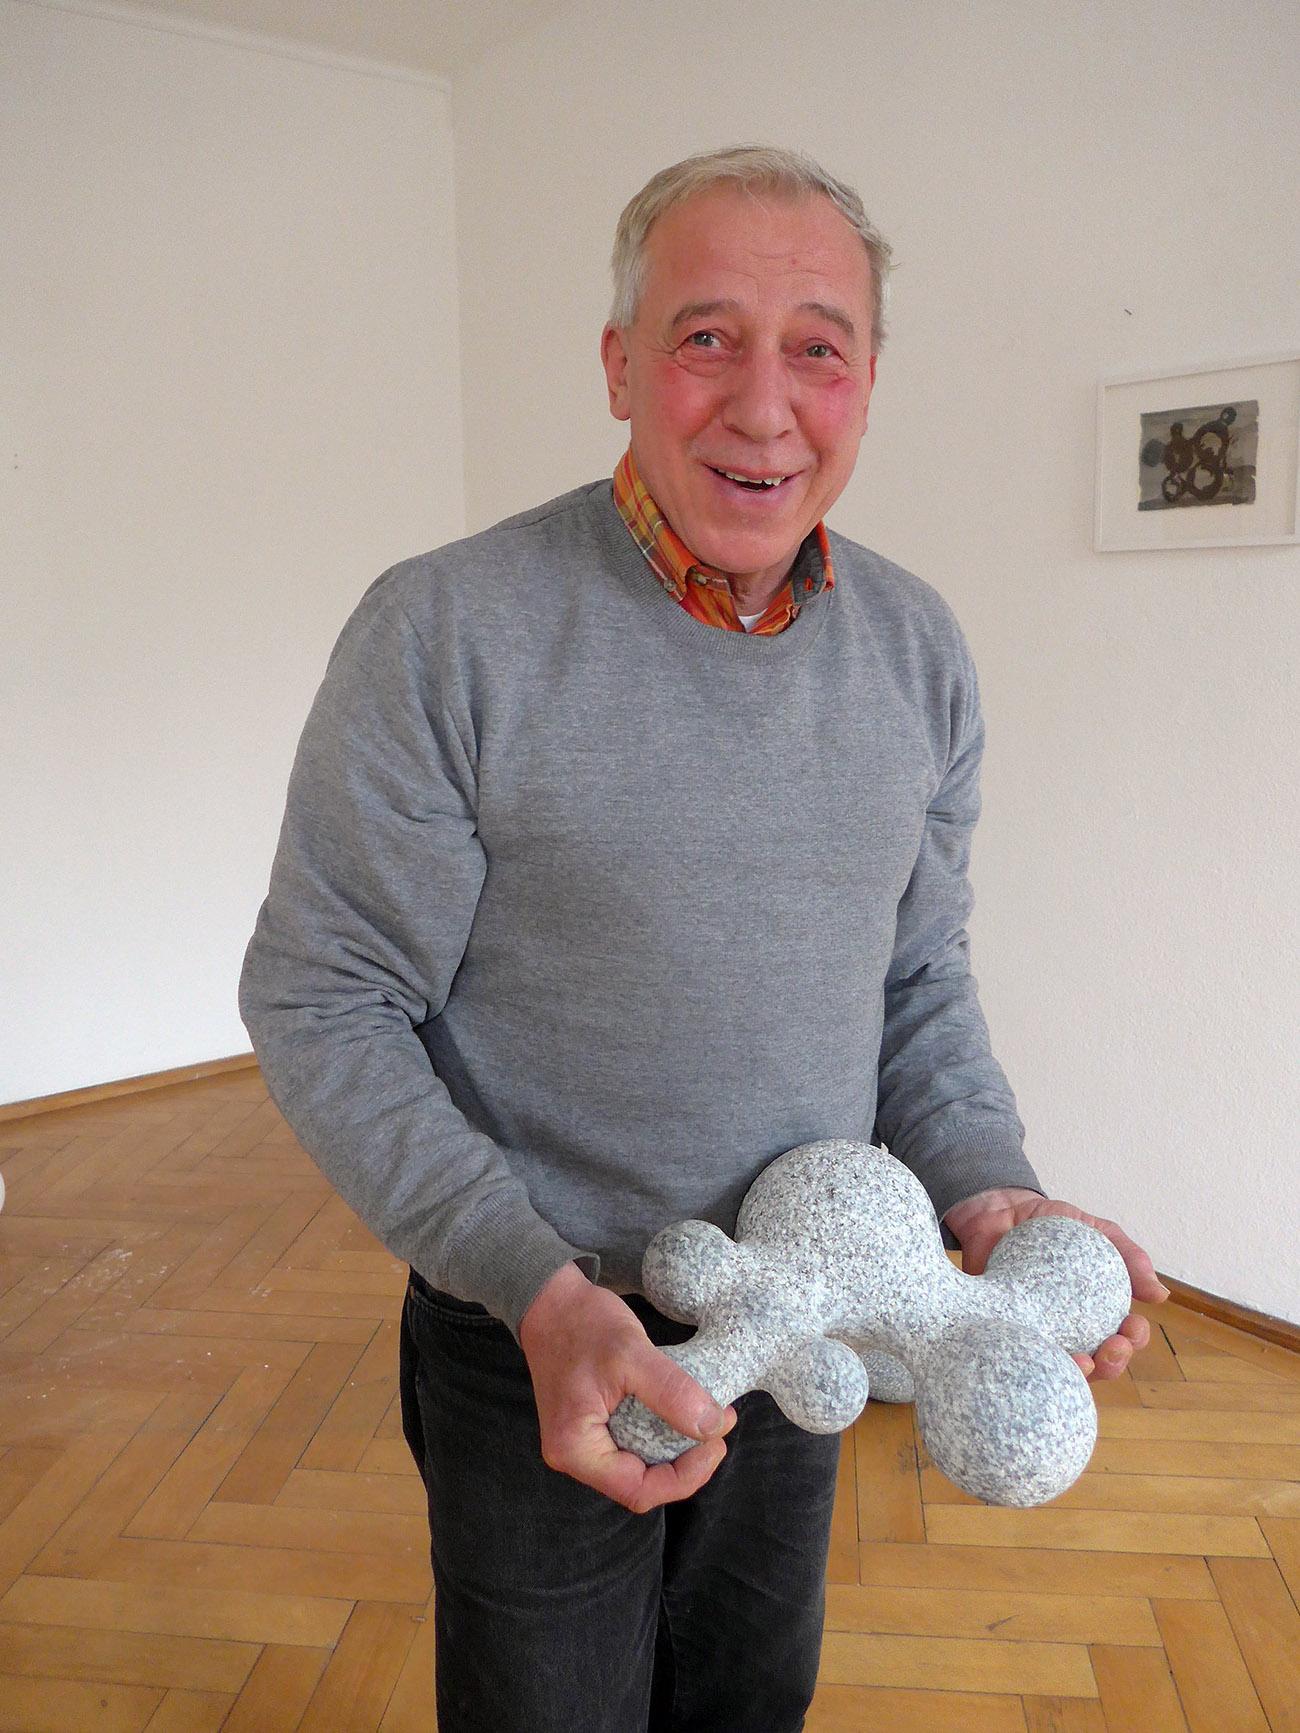 Der Künstler Martin Schneider mit einem seiner Werke (Foto: Barbara Fässler)